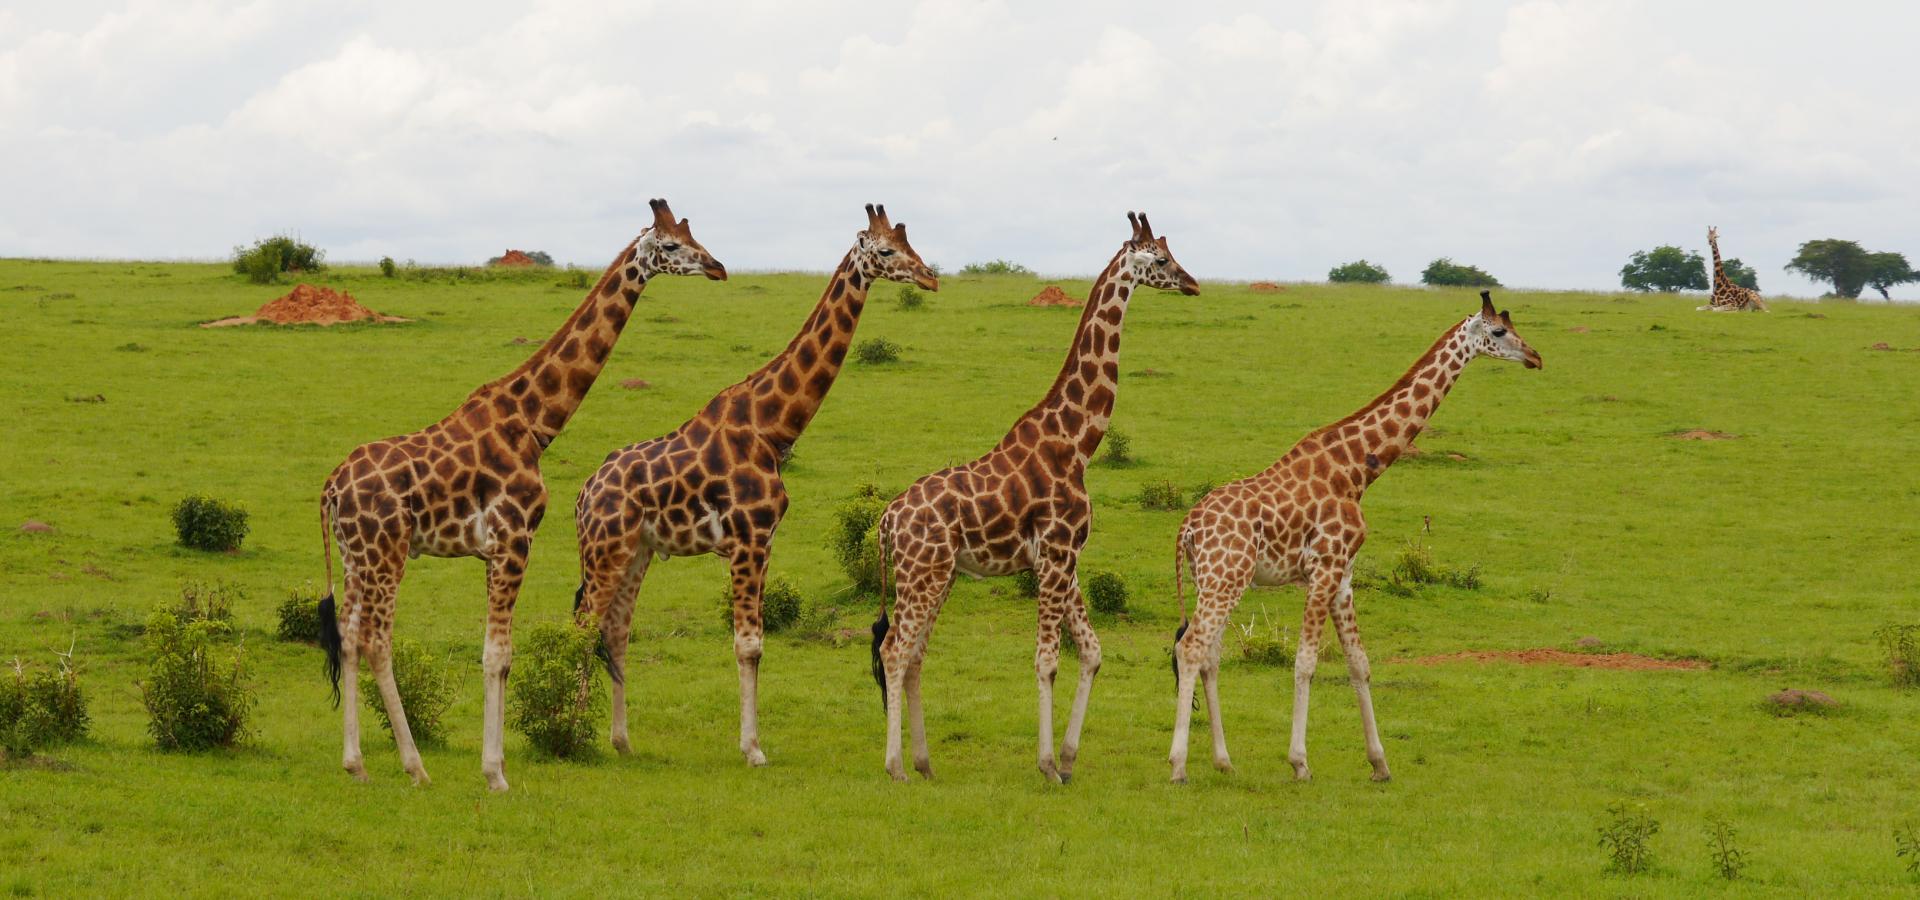 Machen Sie einzigartige Safaris in den wunderschönen Nationalparks Ugandas